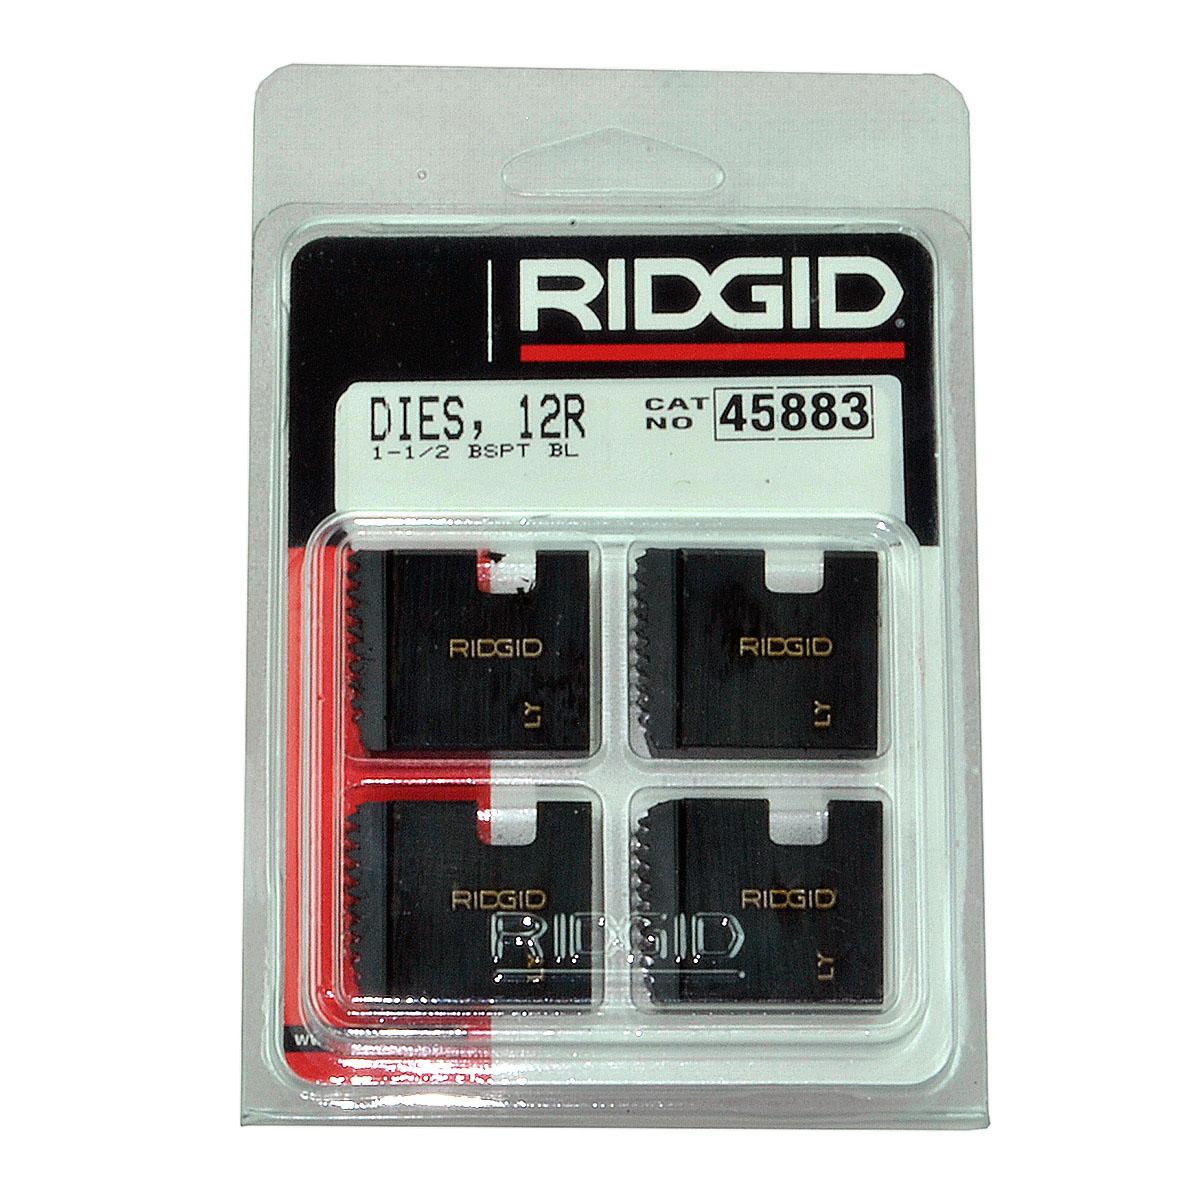 RIDGID 45883 - Pipe Die Set Bspt – 1-1/2inch